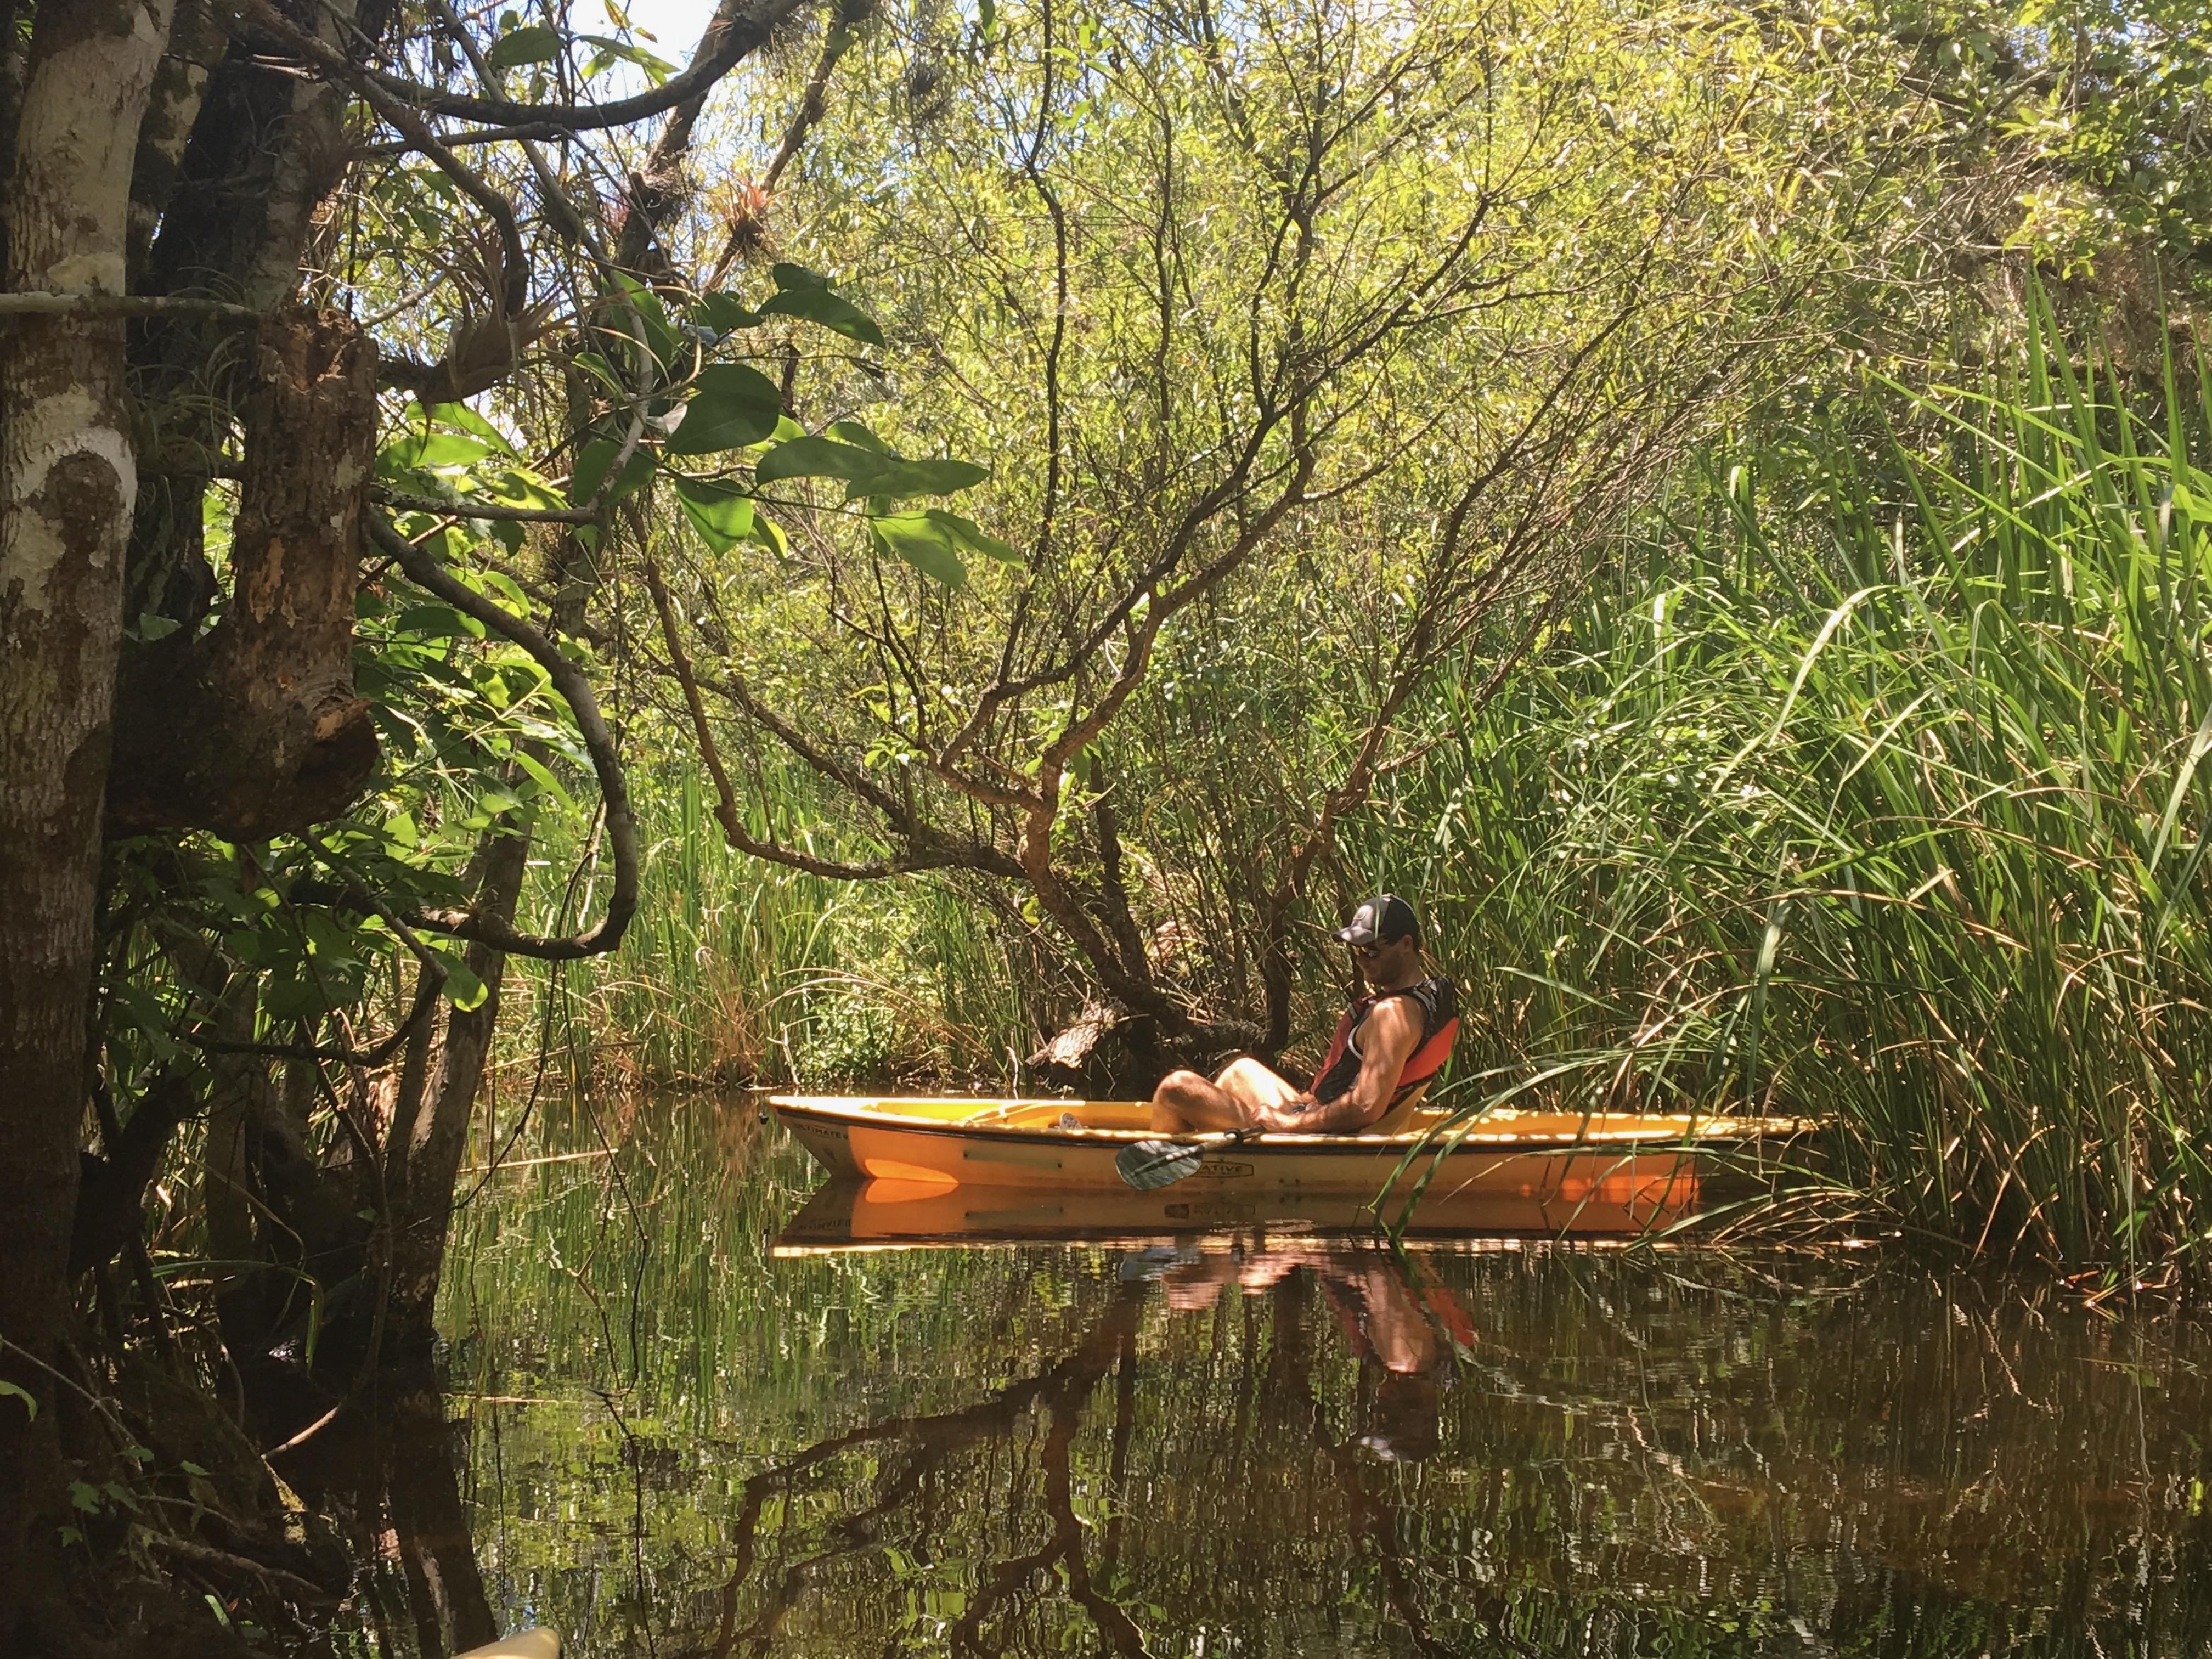 C-kayaking